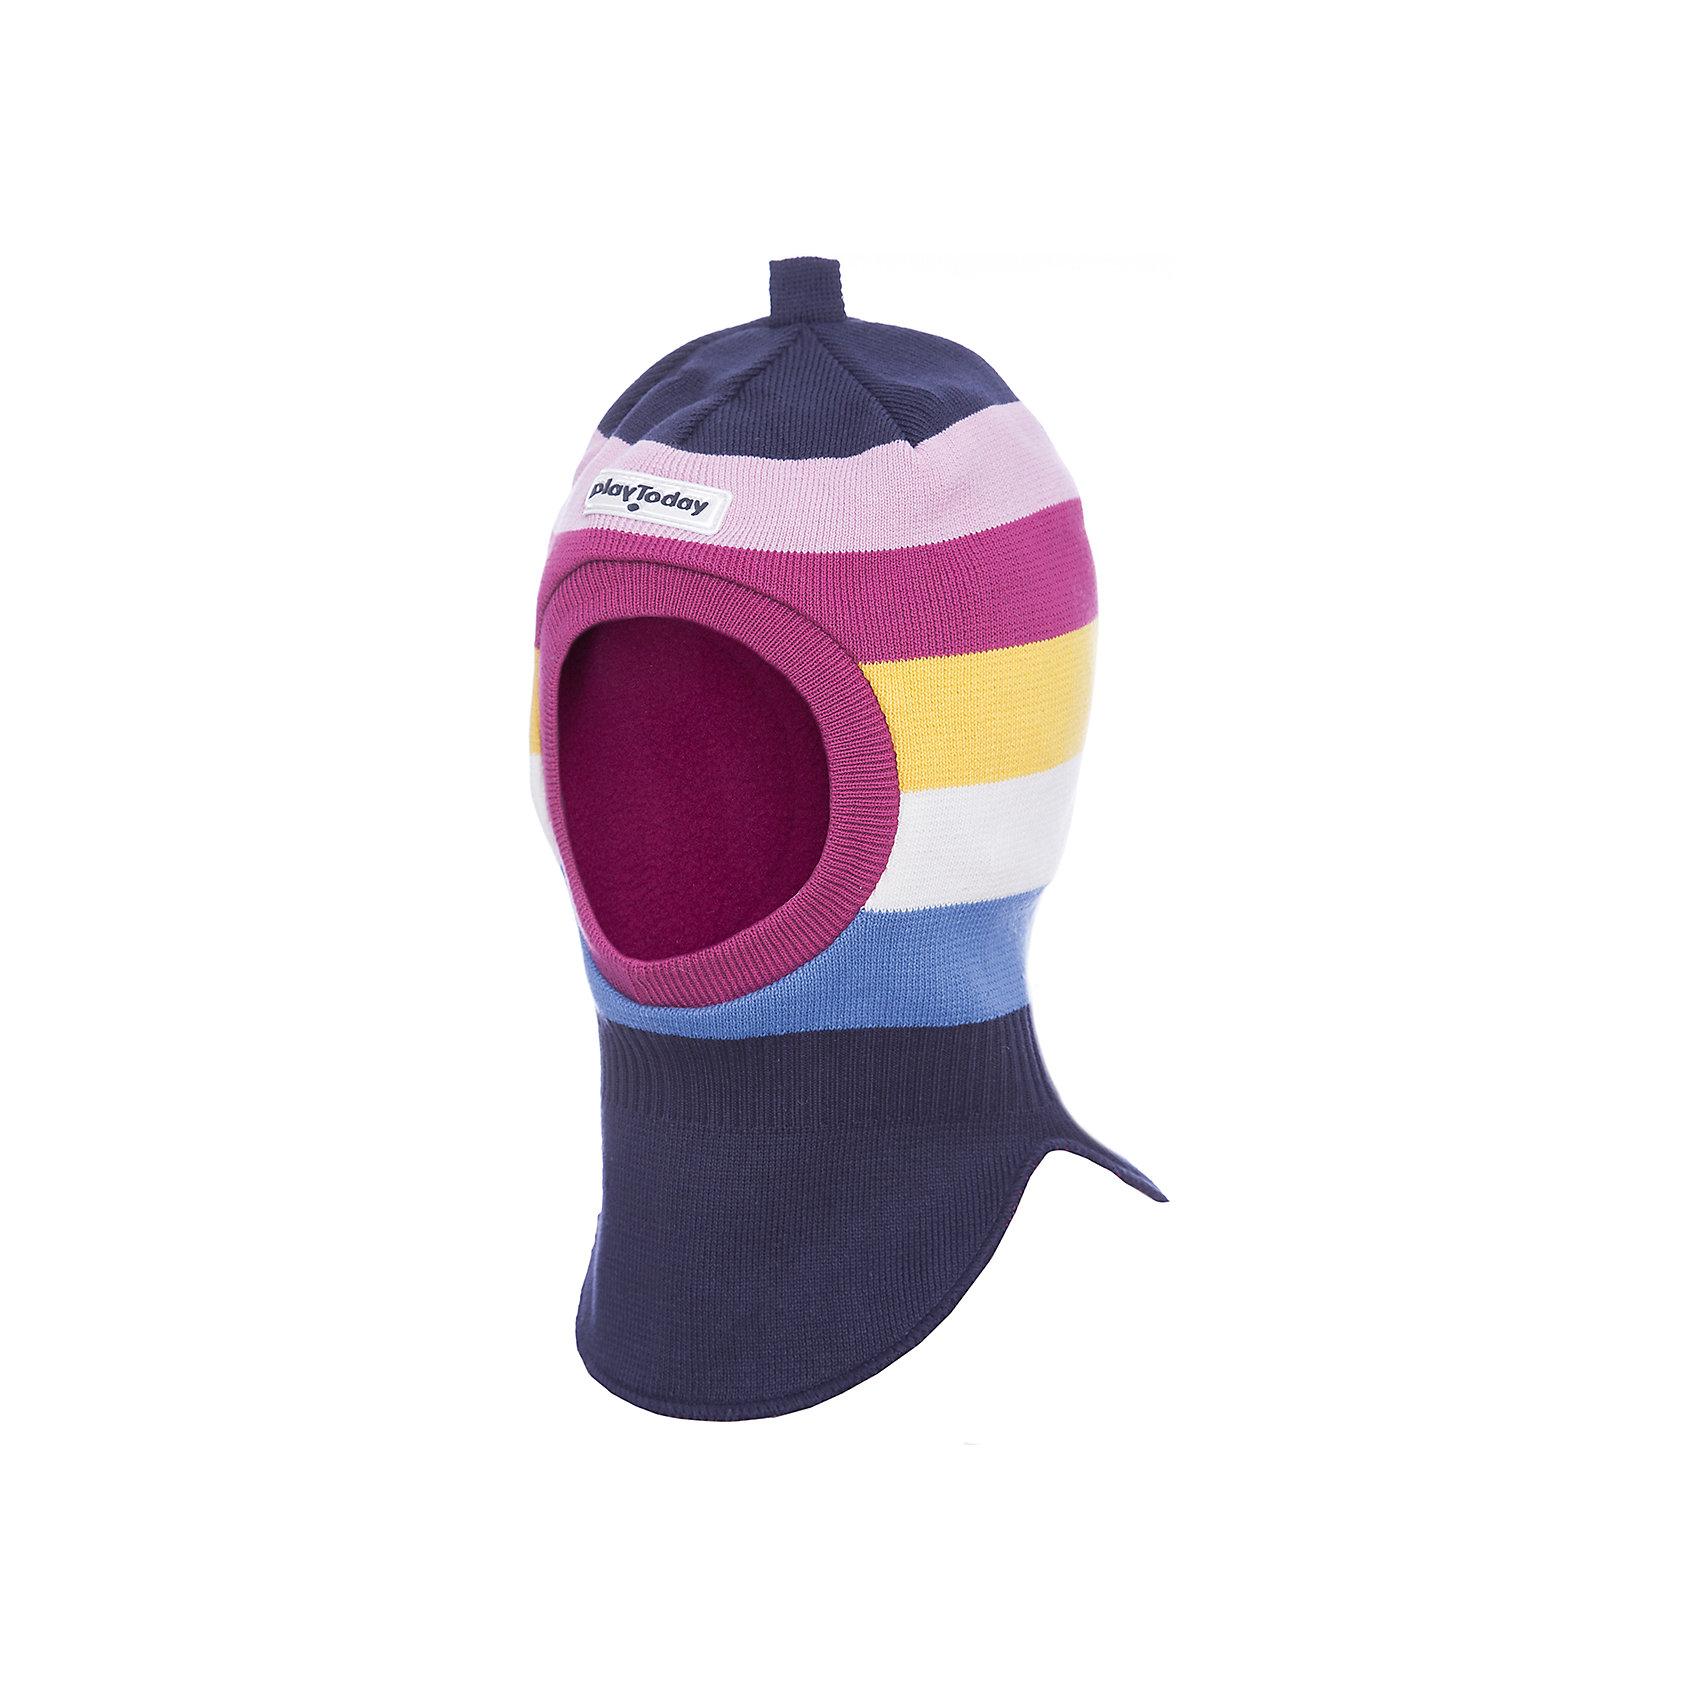 Шапка-шлем PlayToday для девочкиГоловные уборы<br>Шапка-шлем PlayToday для девочки<br>Двуслойная шапка - шлем. Внешняя часть из трикотажа, выполненного по технологии yarn dyed - в процессе производства используются разного цвета нити. Изделие, при рекомендуемом уходе, не линяет и надолго остается в первноначальном виде. Подкладка из флиса. Область ушей дополнена специальным ветрозащитными вставками.<br>Состав:<br>Верх: 80% хлопок, 18% нейлон, 2% эластан, подкладка: 100% полиэстер<br><br>Ширина мм: 89<br>Глубина мм: 117<br>Высота мм: 44<br>Вес г: 155<br>Цвет: белый<br>Возраст от месяцев: 24<br>Возраст до месяцев: 36<br>Пол: Женский<br>Возраст: Детский<br>Размер: 52,50,54<br>SKU: 7115938